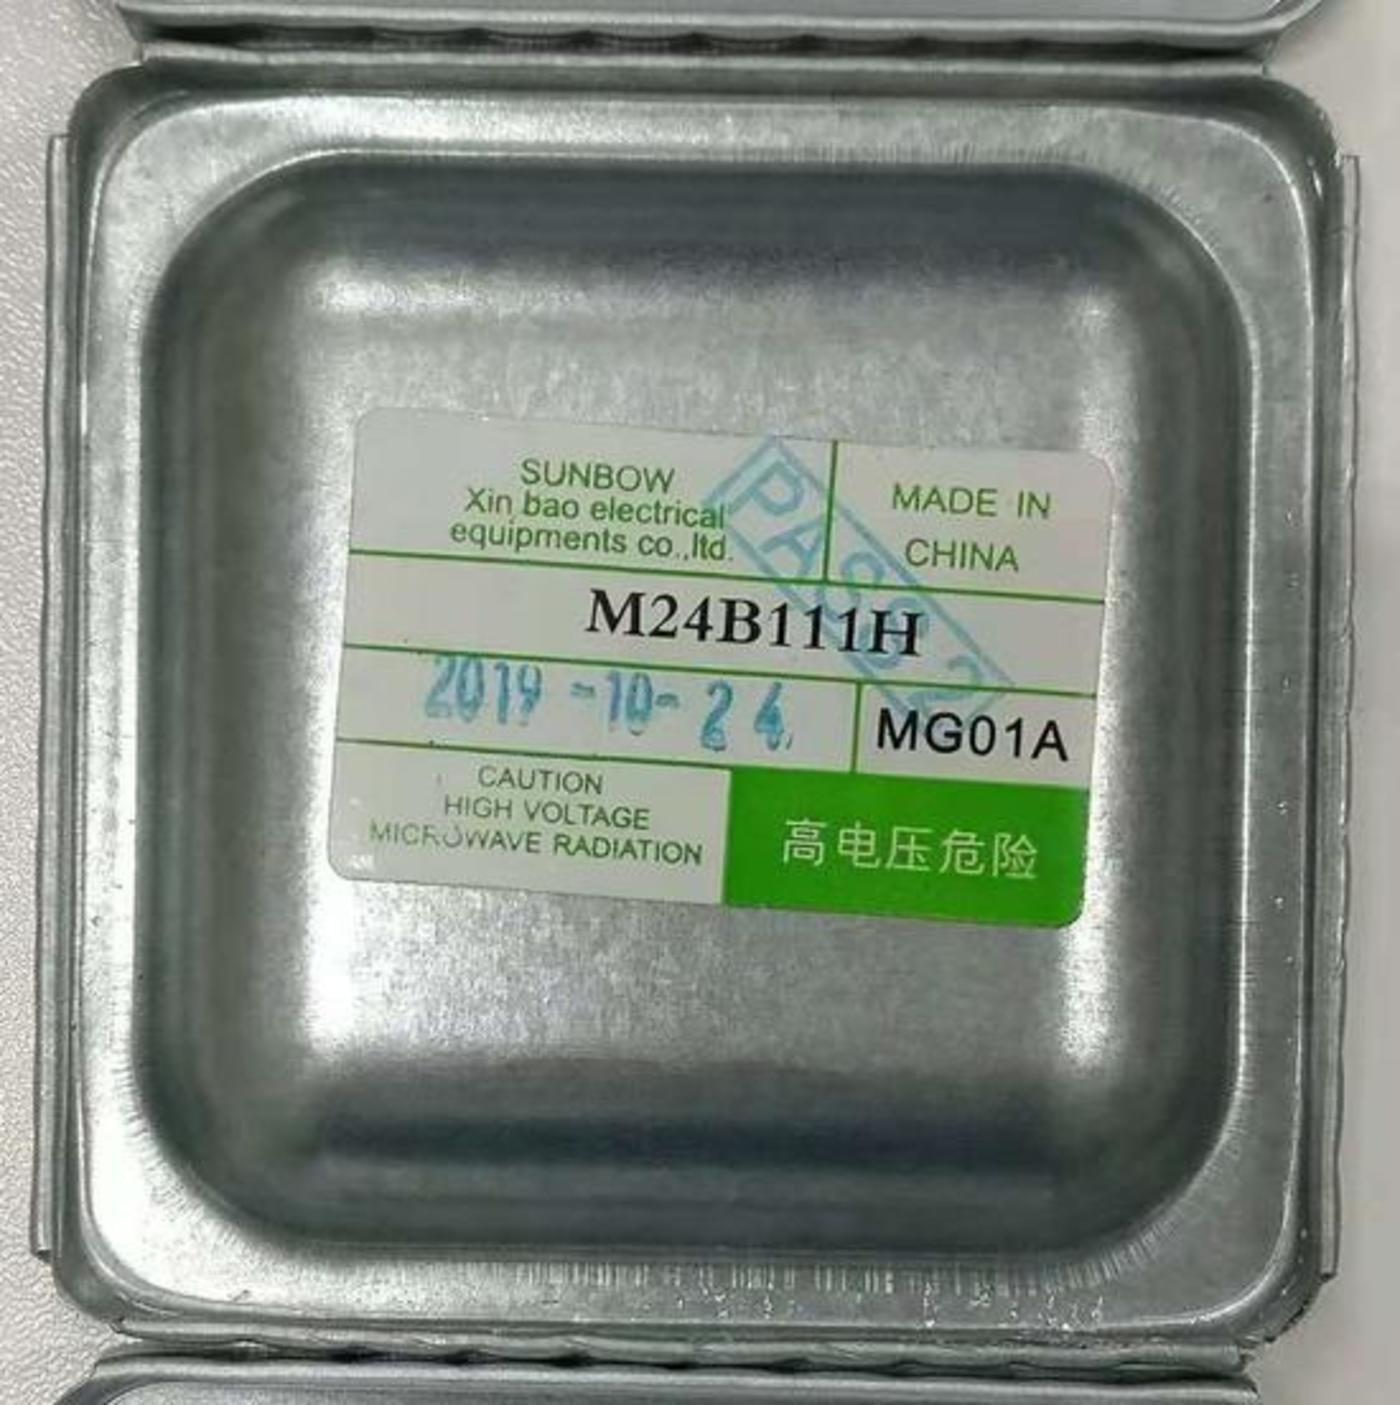 格兰仕提供的磁控管商标图片